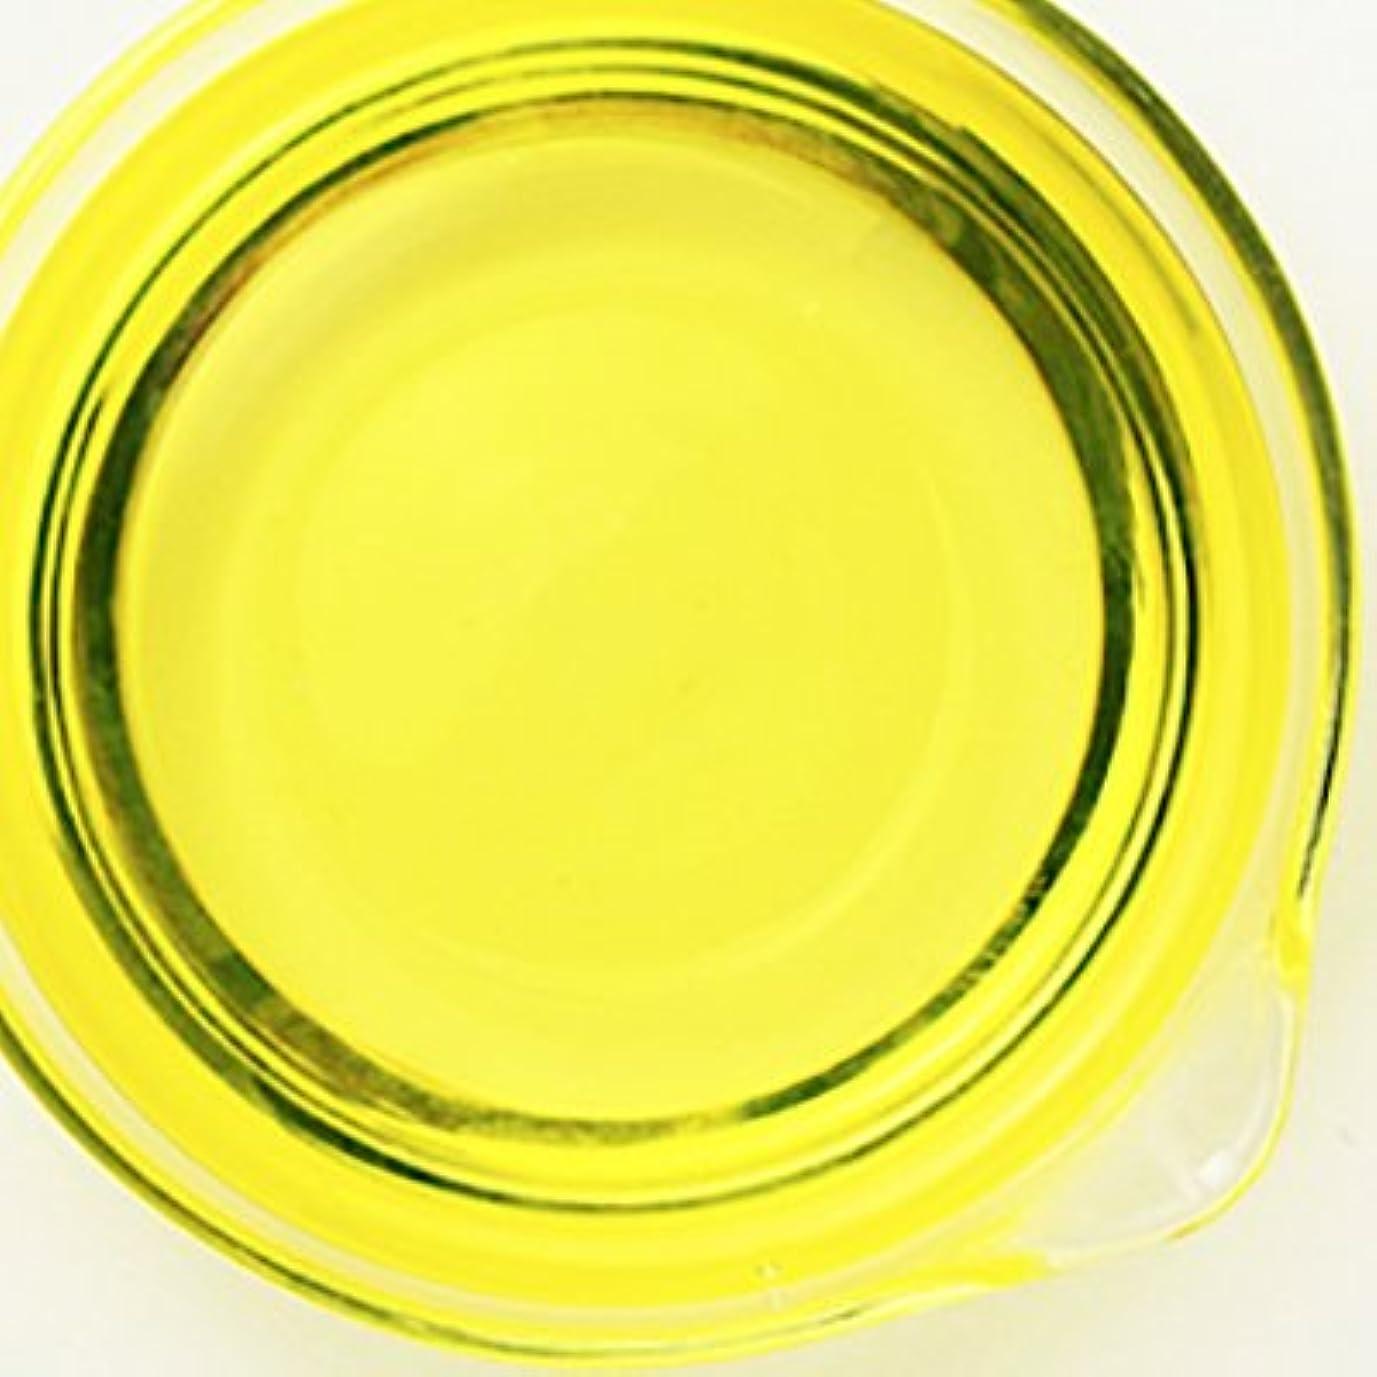 州味わう強化するポリソルベート 20 250ml 【乳化剤/手作りコスメ/手作り化粧品/アロマバス】